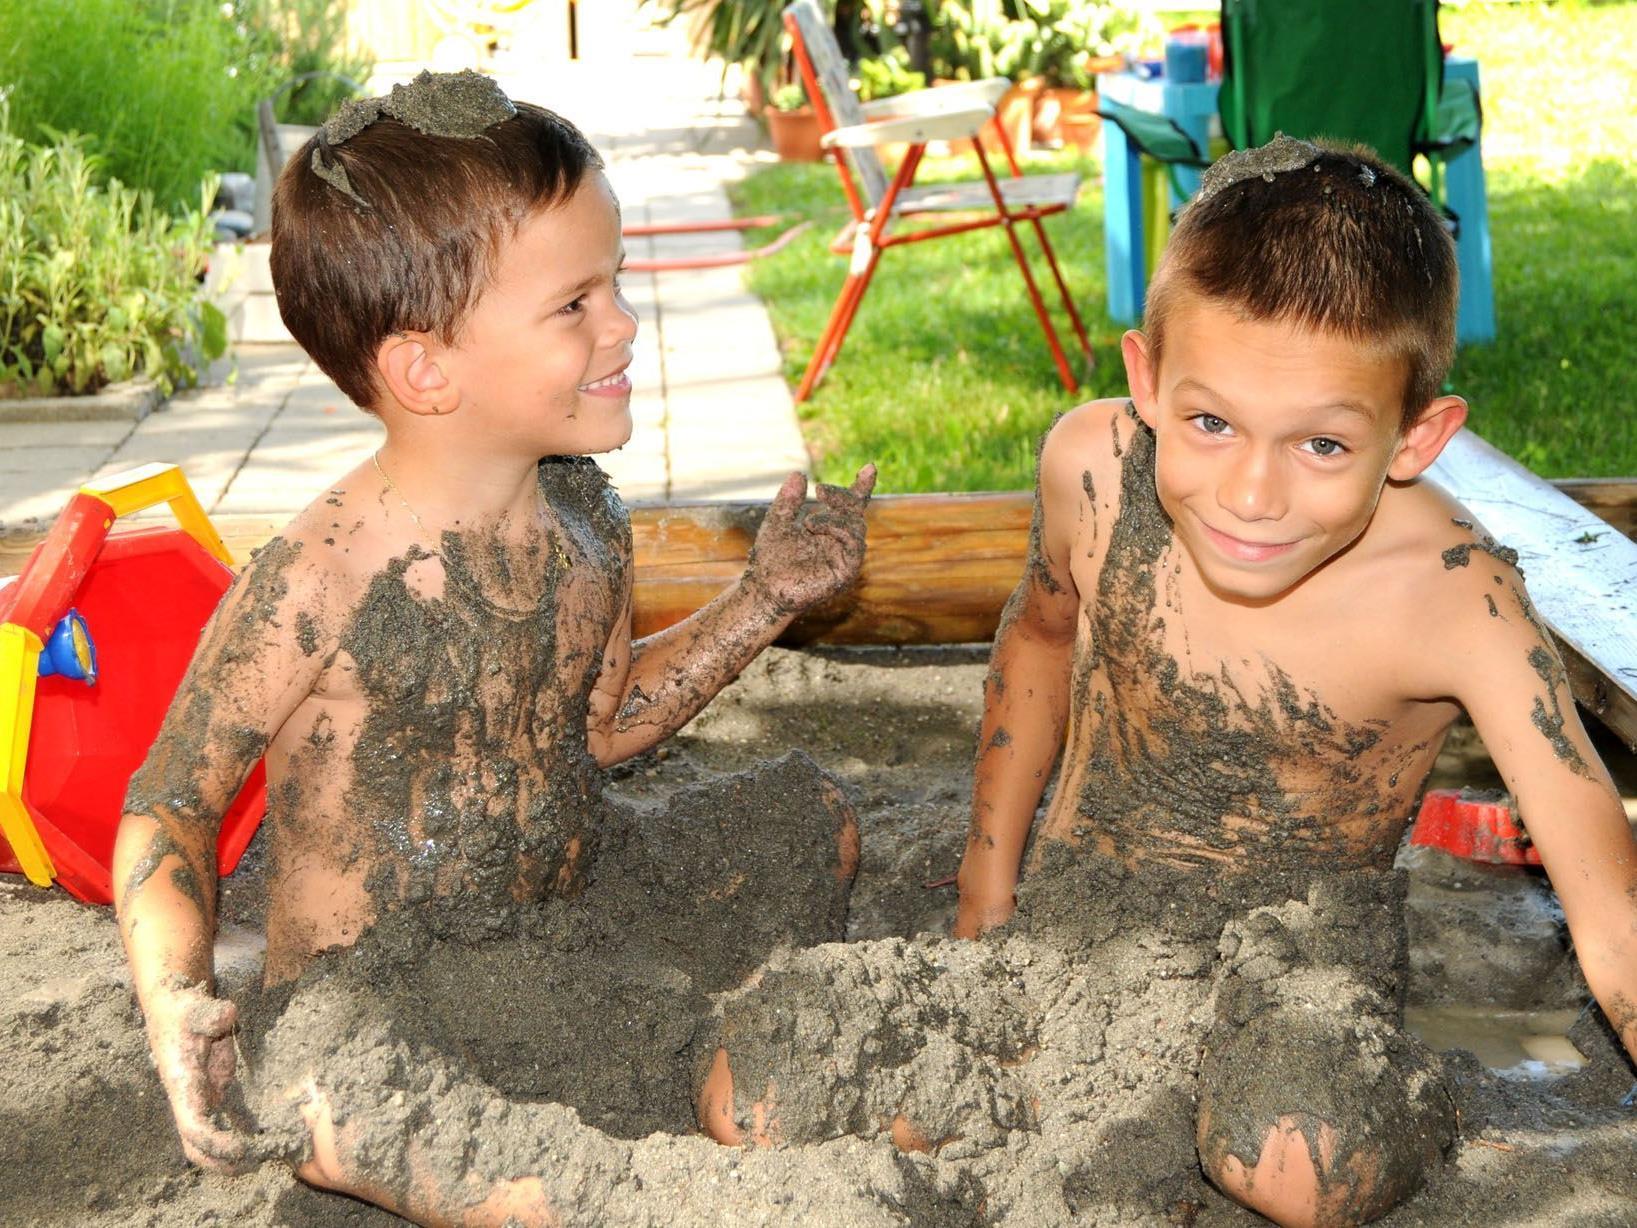 Am Samstag gibt es in Hard gratis frischen Sand für den Spaß im Sandkasten.